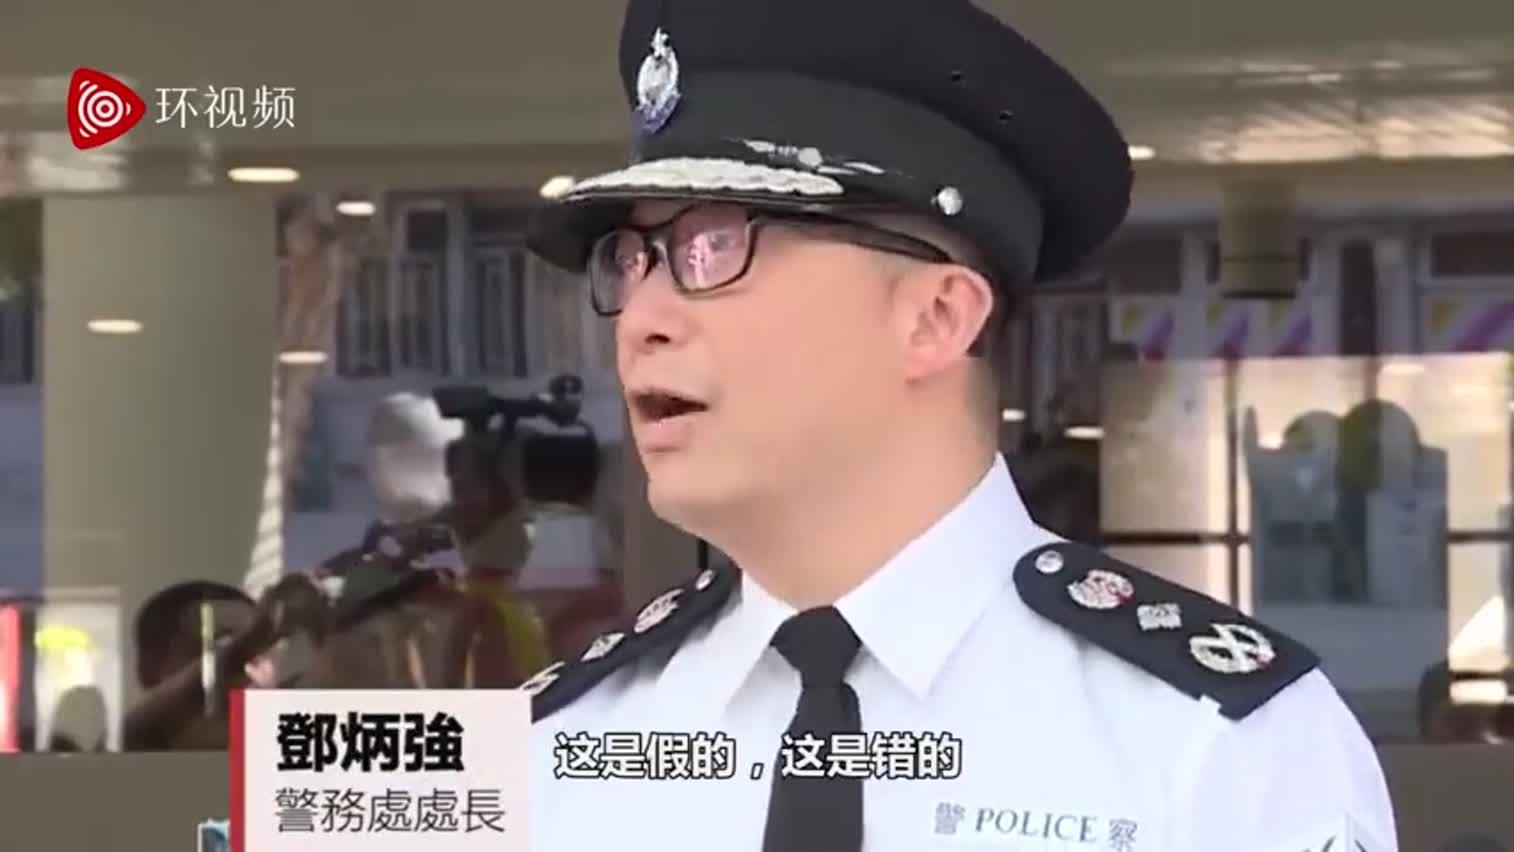 """港警""""一哥"""":18岁以下者分开理大年夜不即时逮捕"""